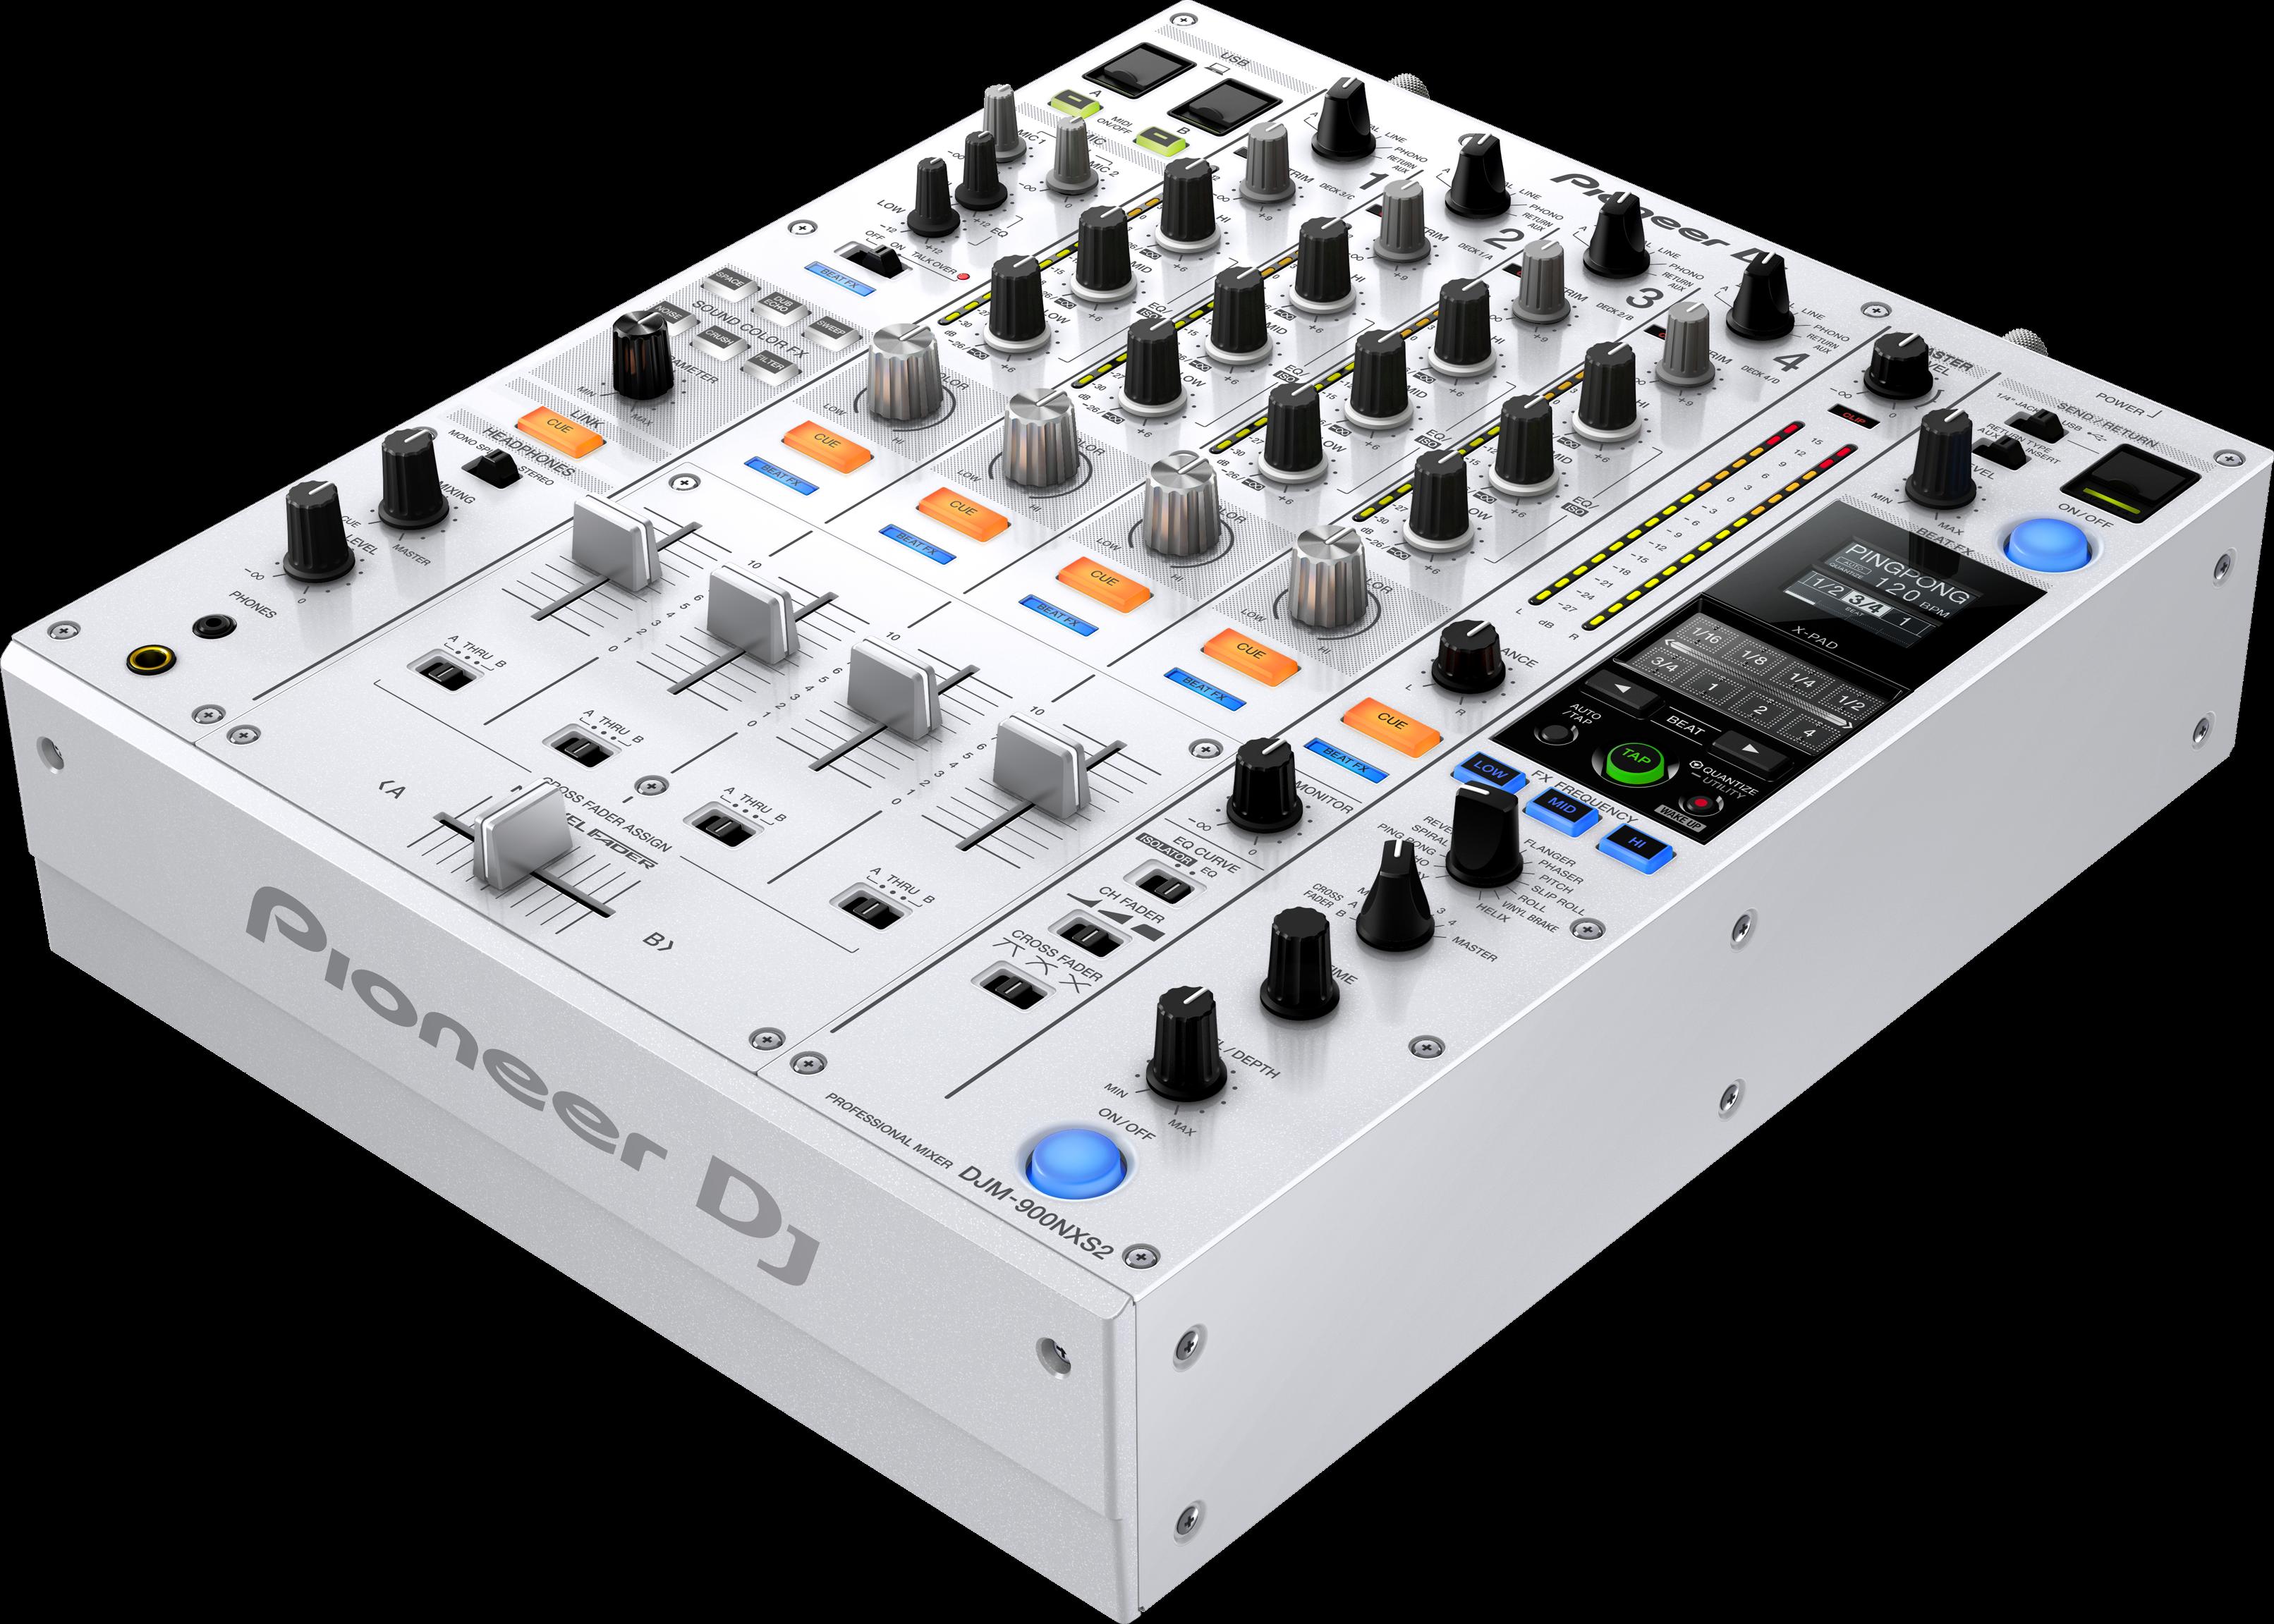 djm-900nxs2-w-angle